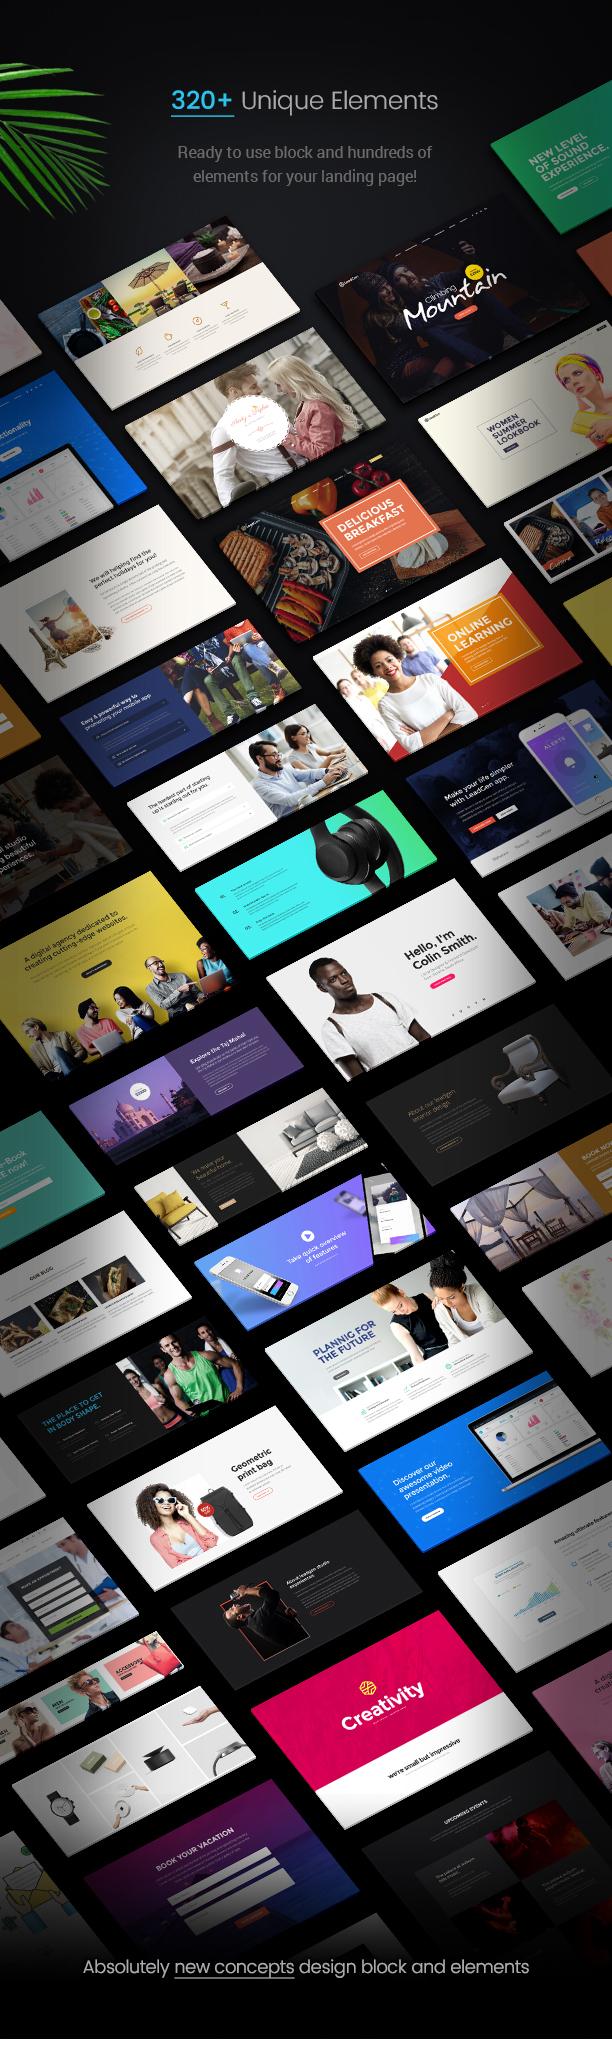 leadgen unique elements - LeadGen - Multipurpose Marketing Landing Page Pack with HTML Builder